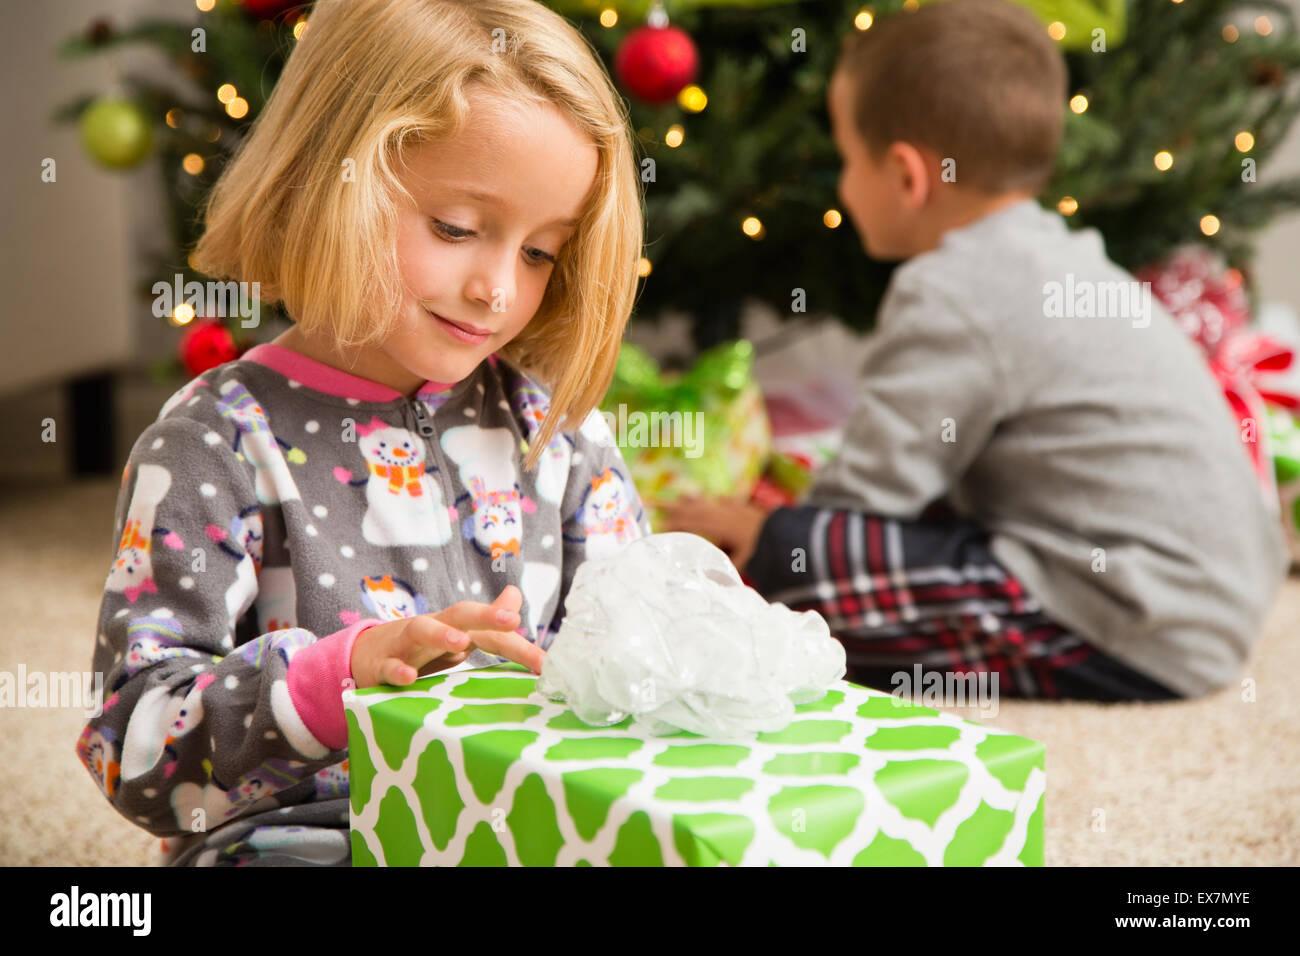 Mädchen (6-7) Verpackung Weihnachtsgeschenk Stockfoto, Bild ...